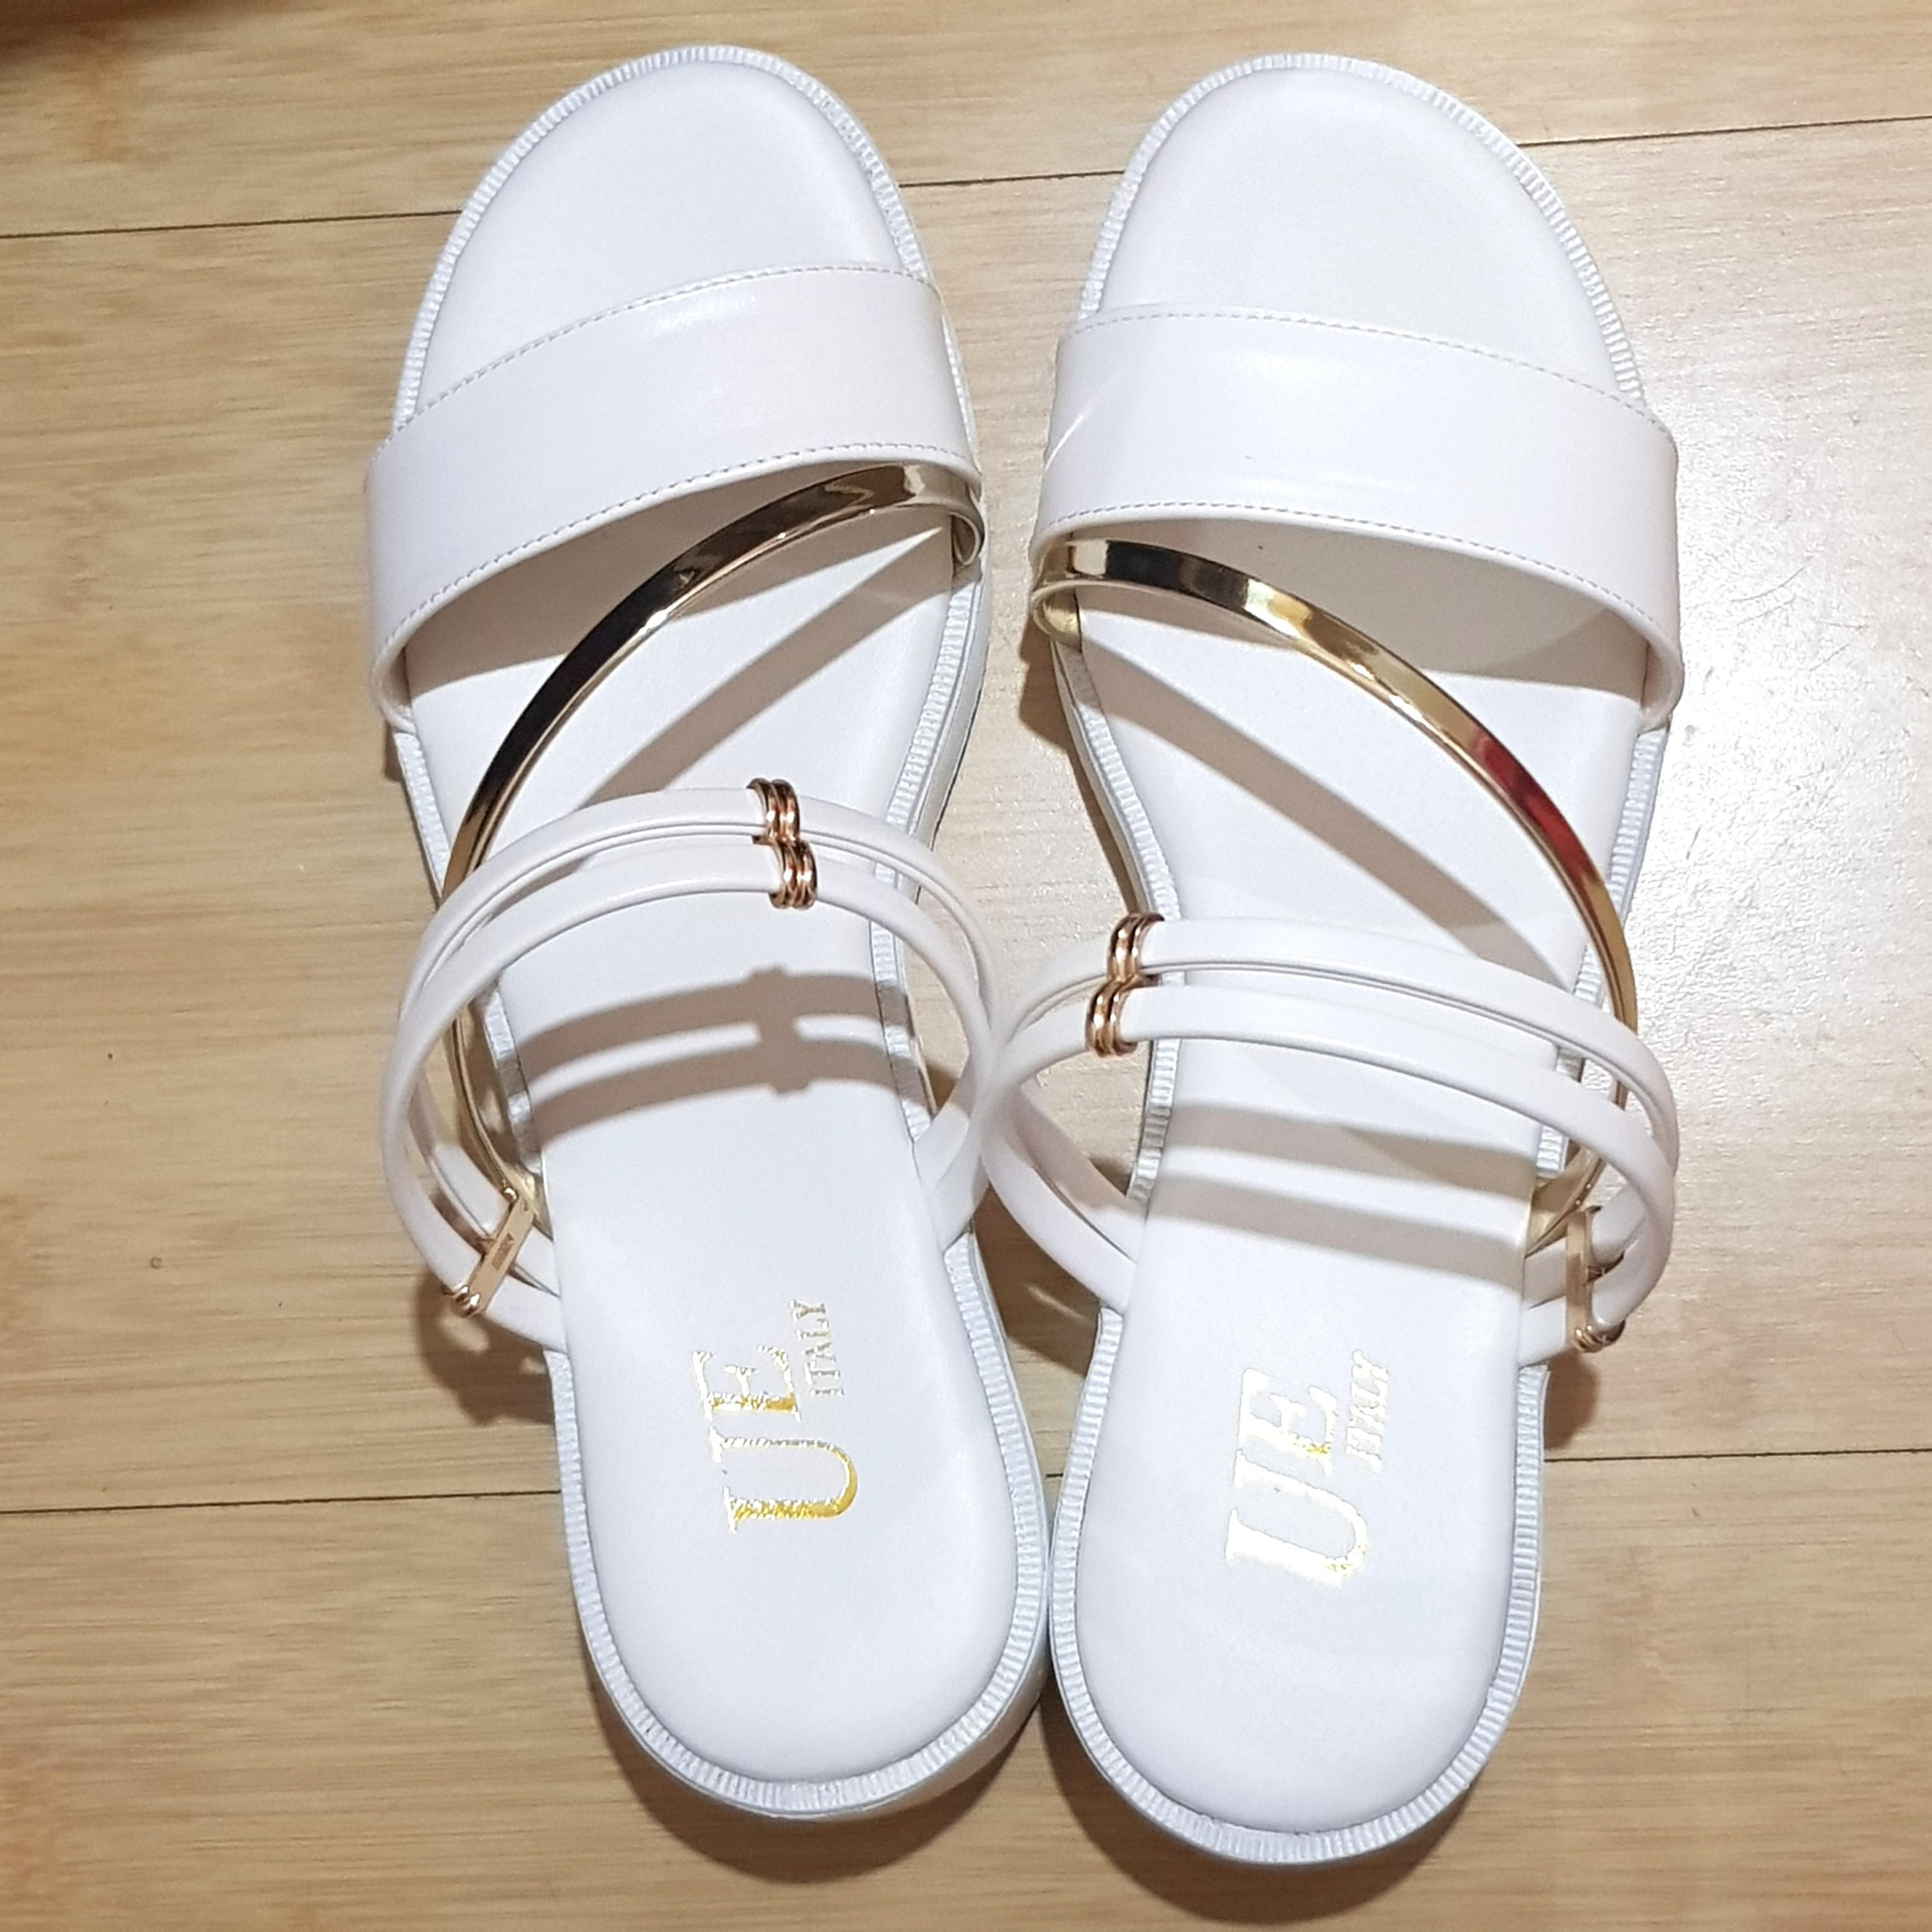 拖鞋 涼鞋 兩穿 純白色 #五折清衣櫃